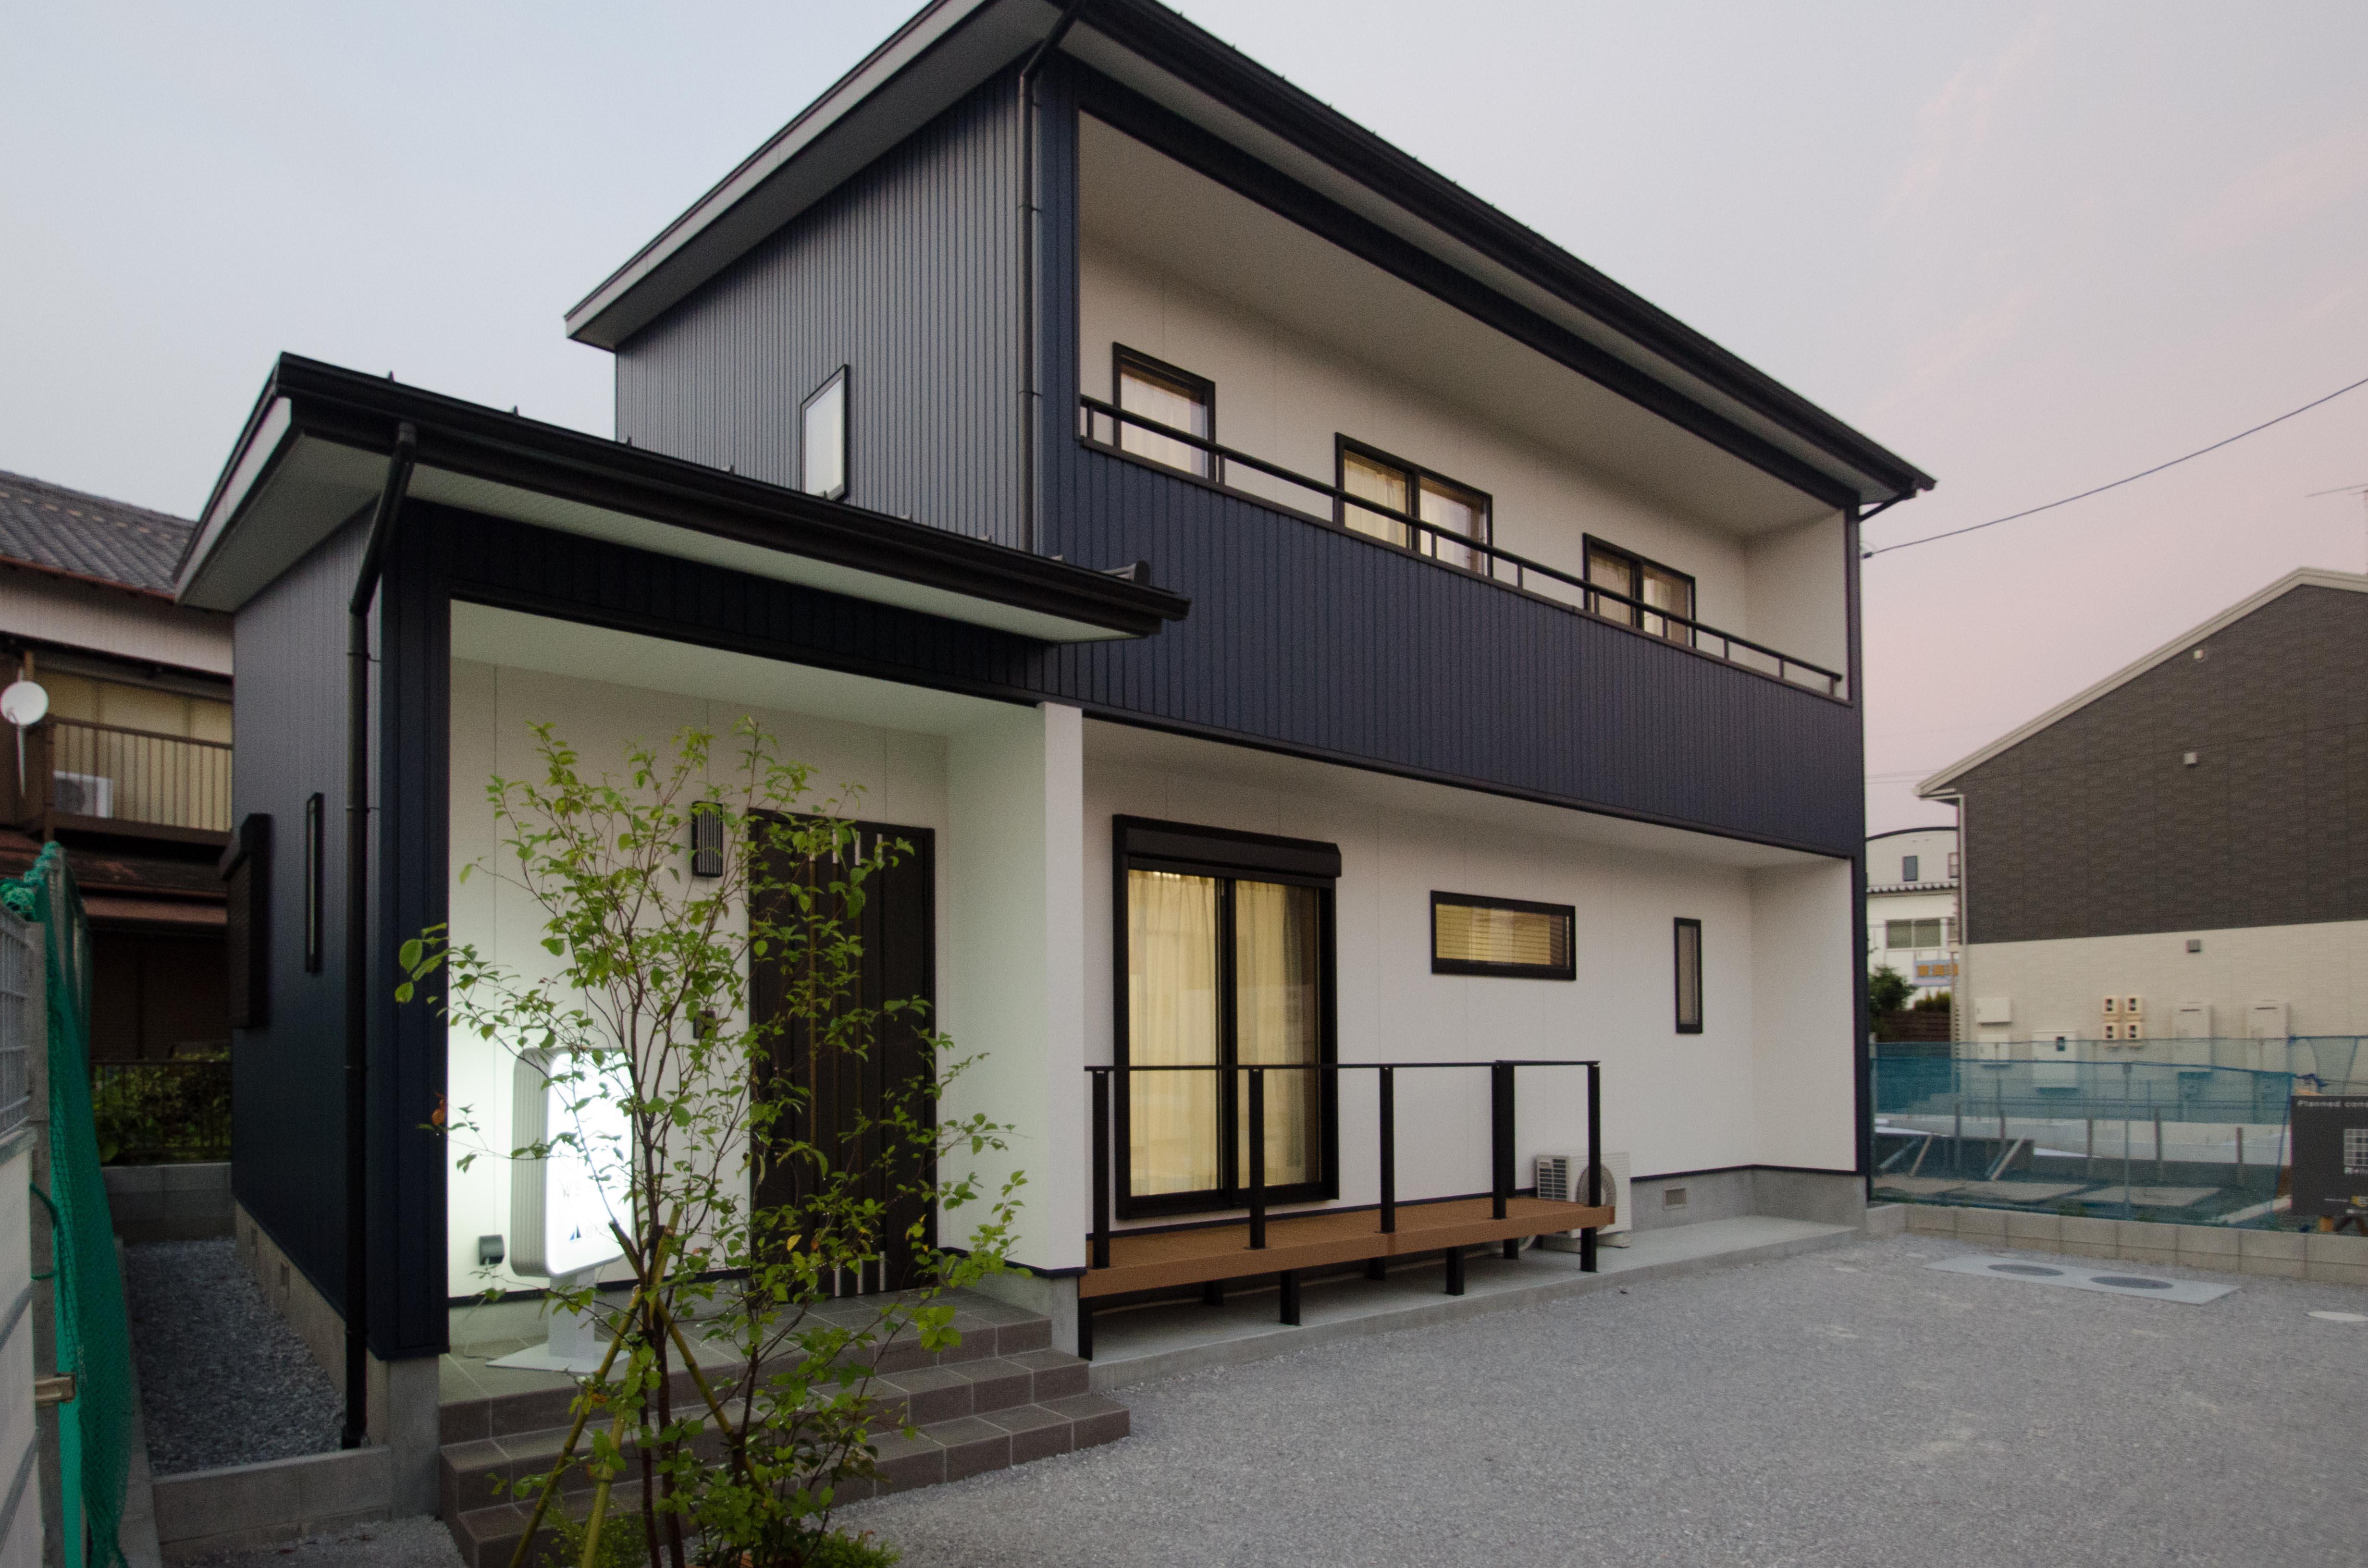 ㈱岩村建設 モデルハウス